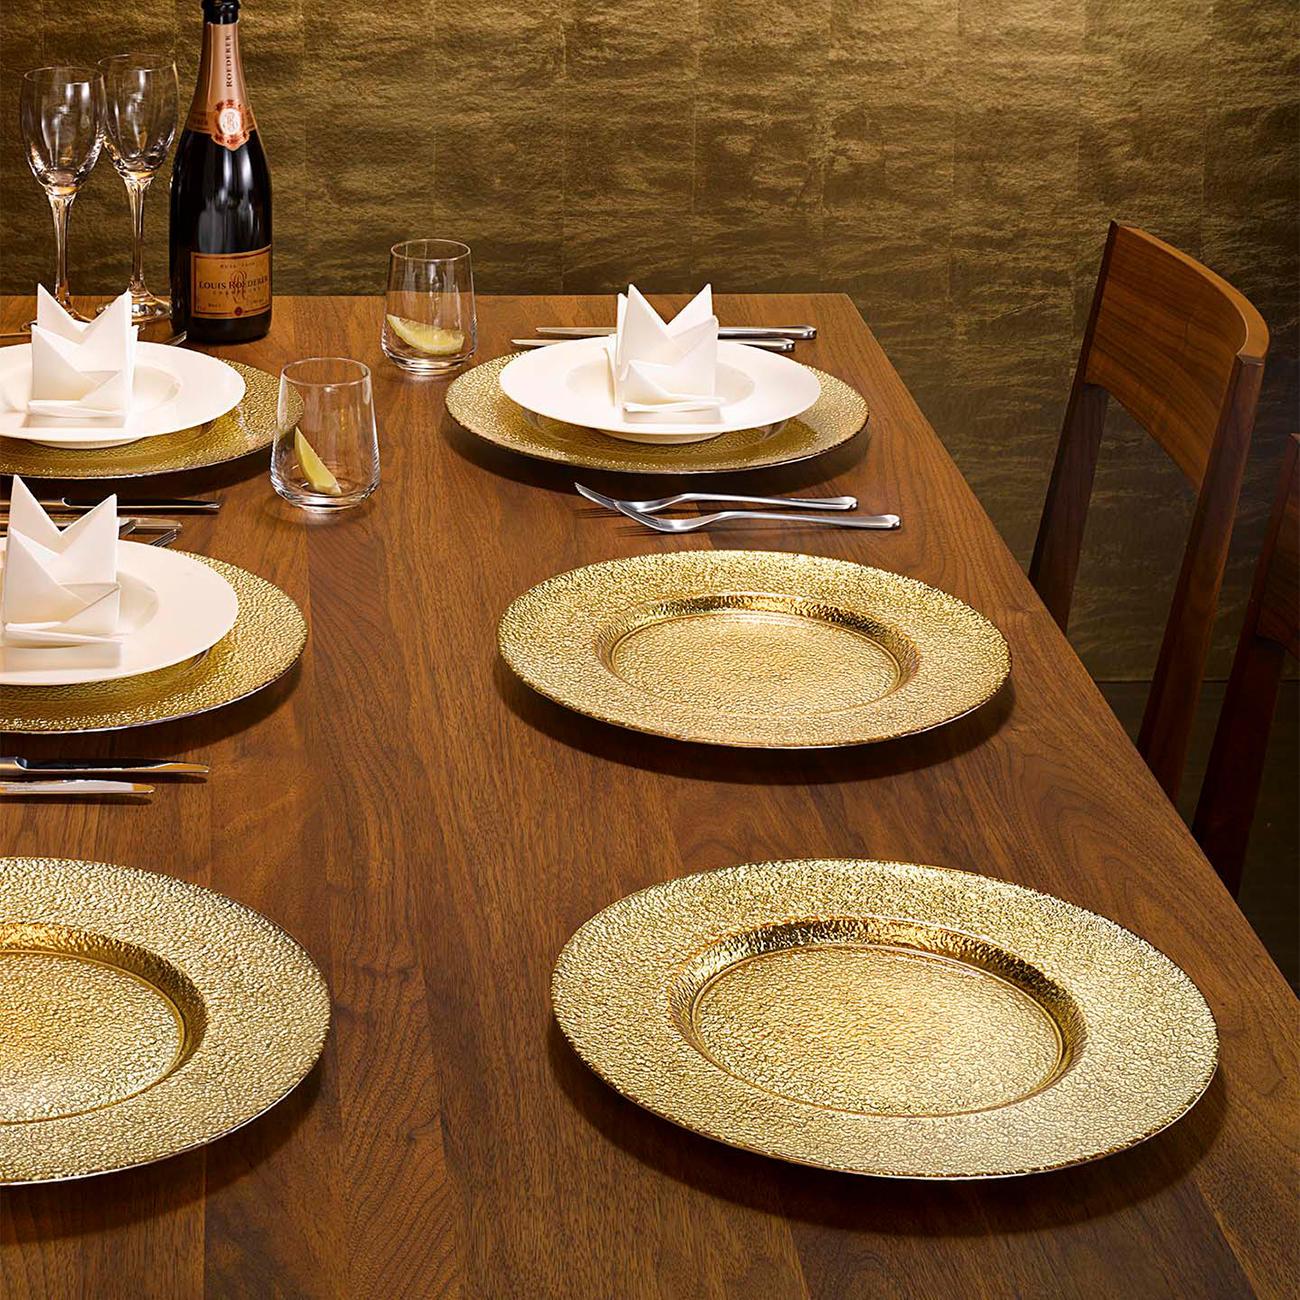 glas platzteller 32 cm durchmesser hammerschlag optik metallic effekt gold. Black Bedroom Furniture Sets. Home Design Ideas